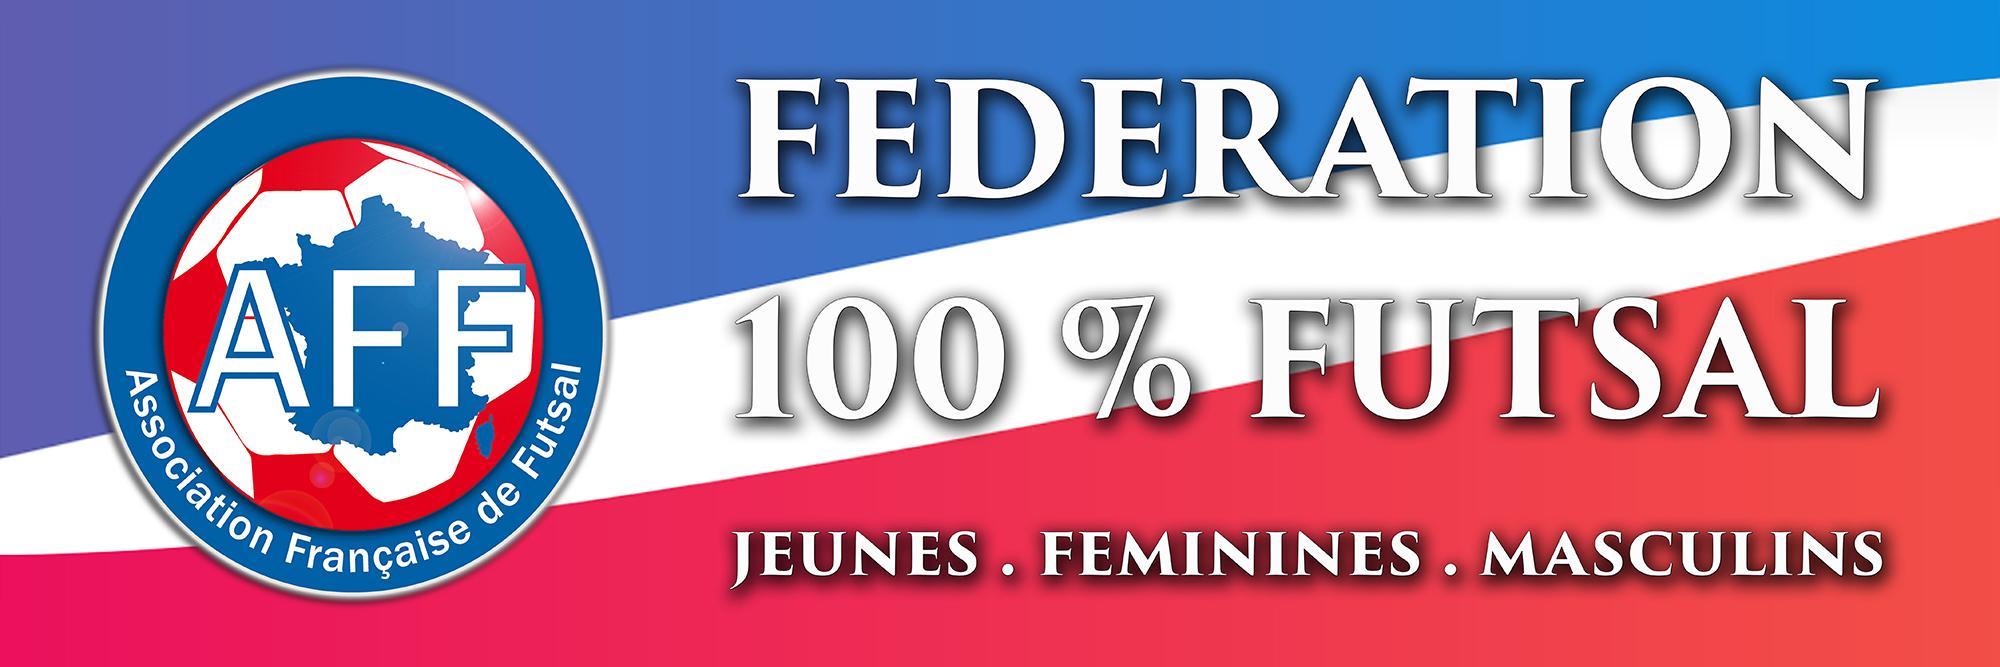 federation-100-futsal-aff-amf